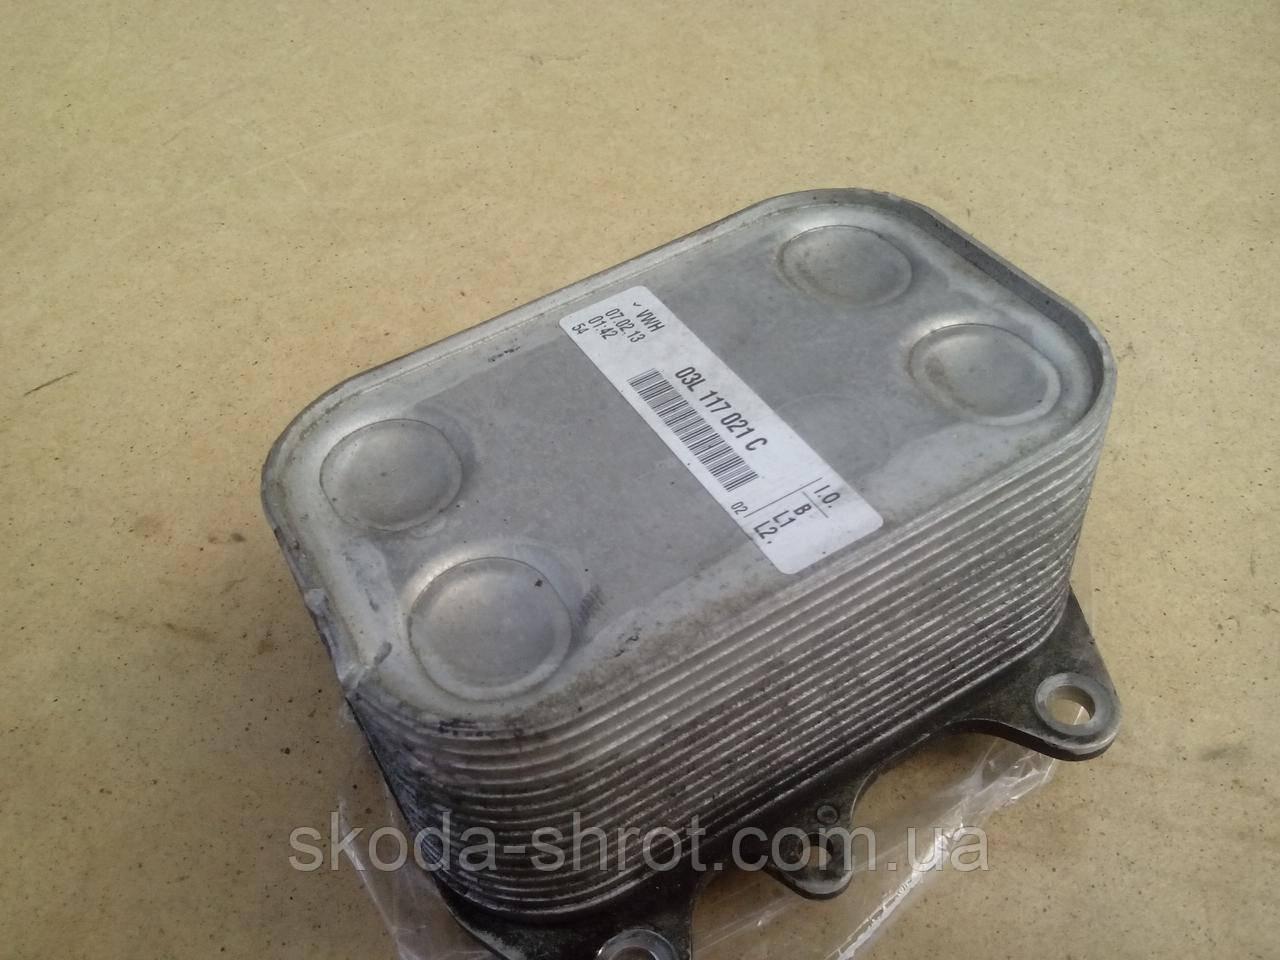 Масляный радиатор  03L117021C  теплообменник  (холодильник , под фильтром) Skoda Octavia 2  1.6 TDI